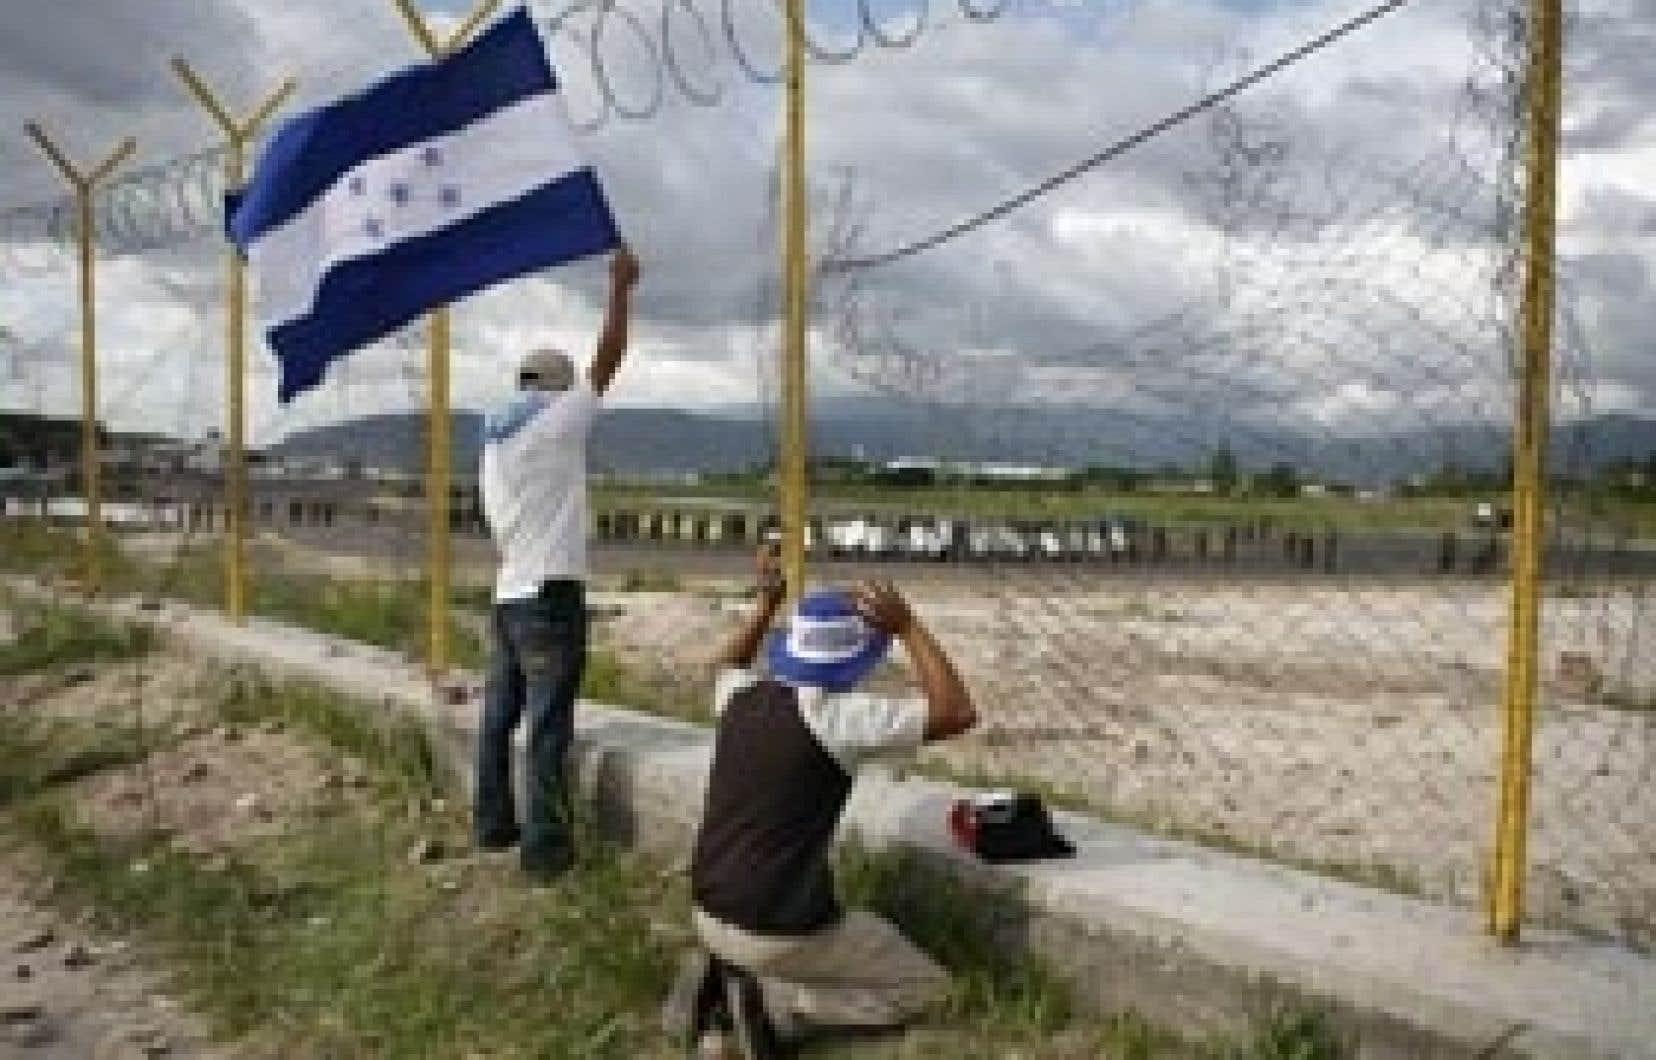 Des partisans du président déchu, Manuel Zelaya, observent les militaires qui occupent la piste de l'aéroport de la capitale.